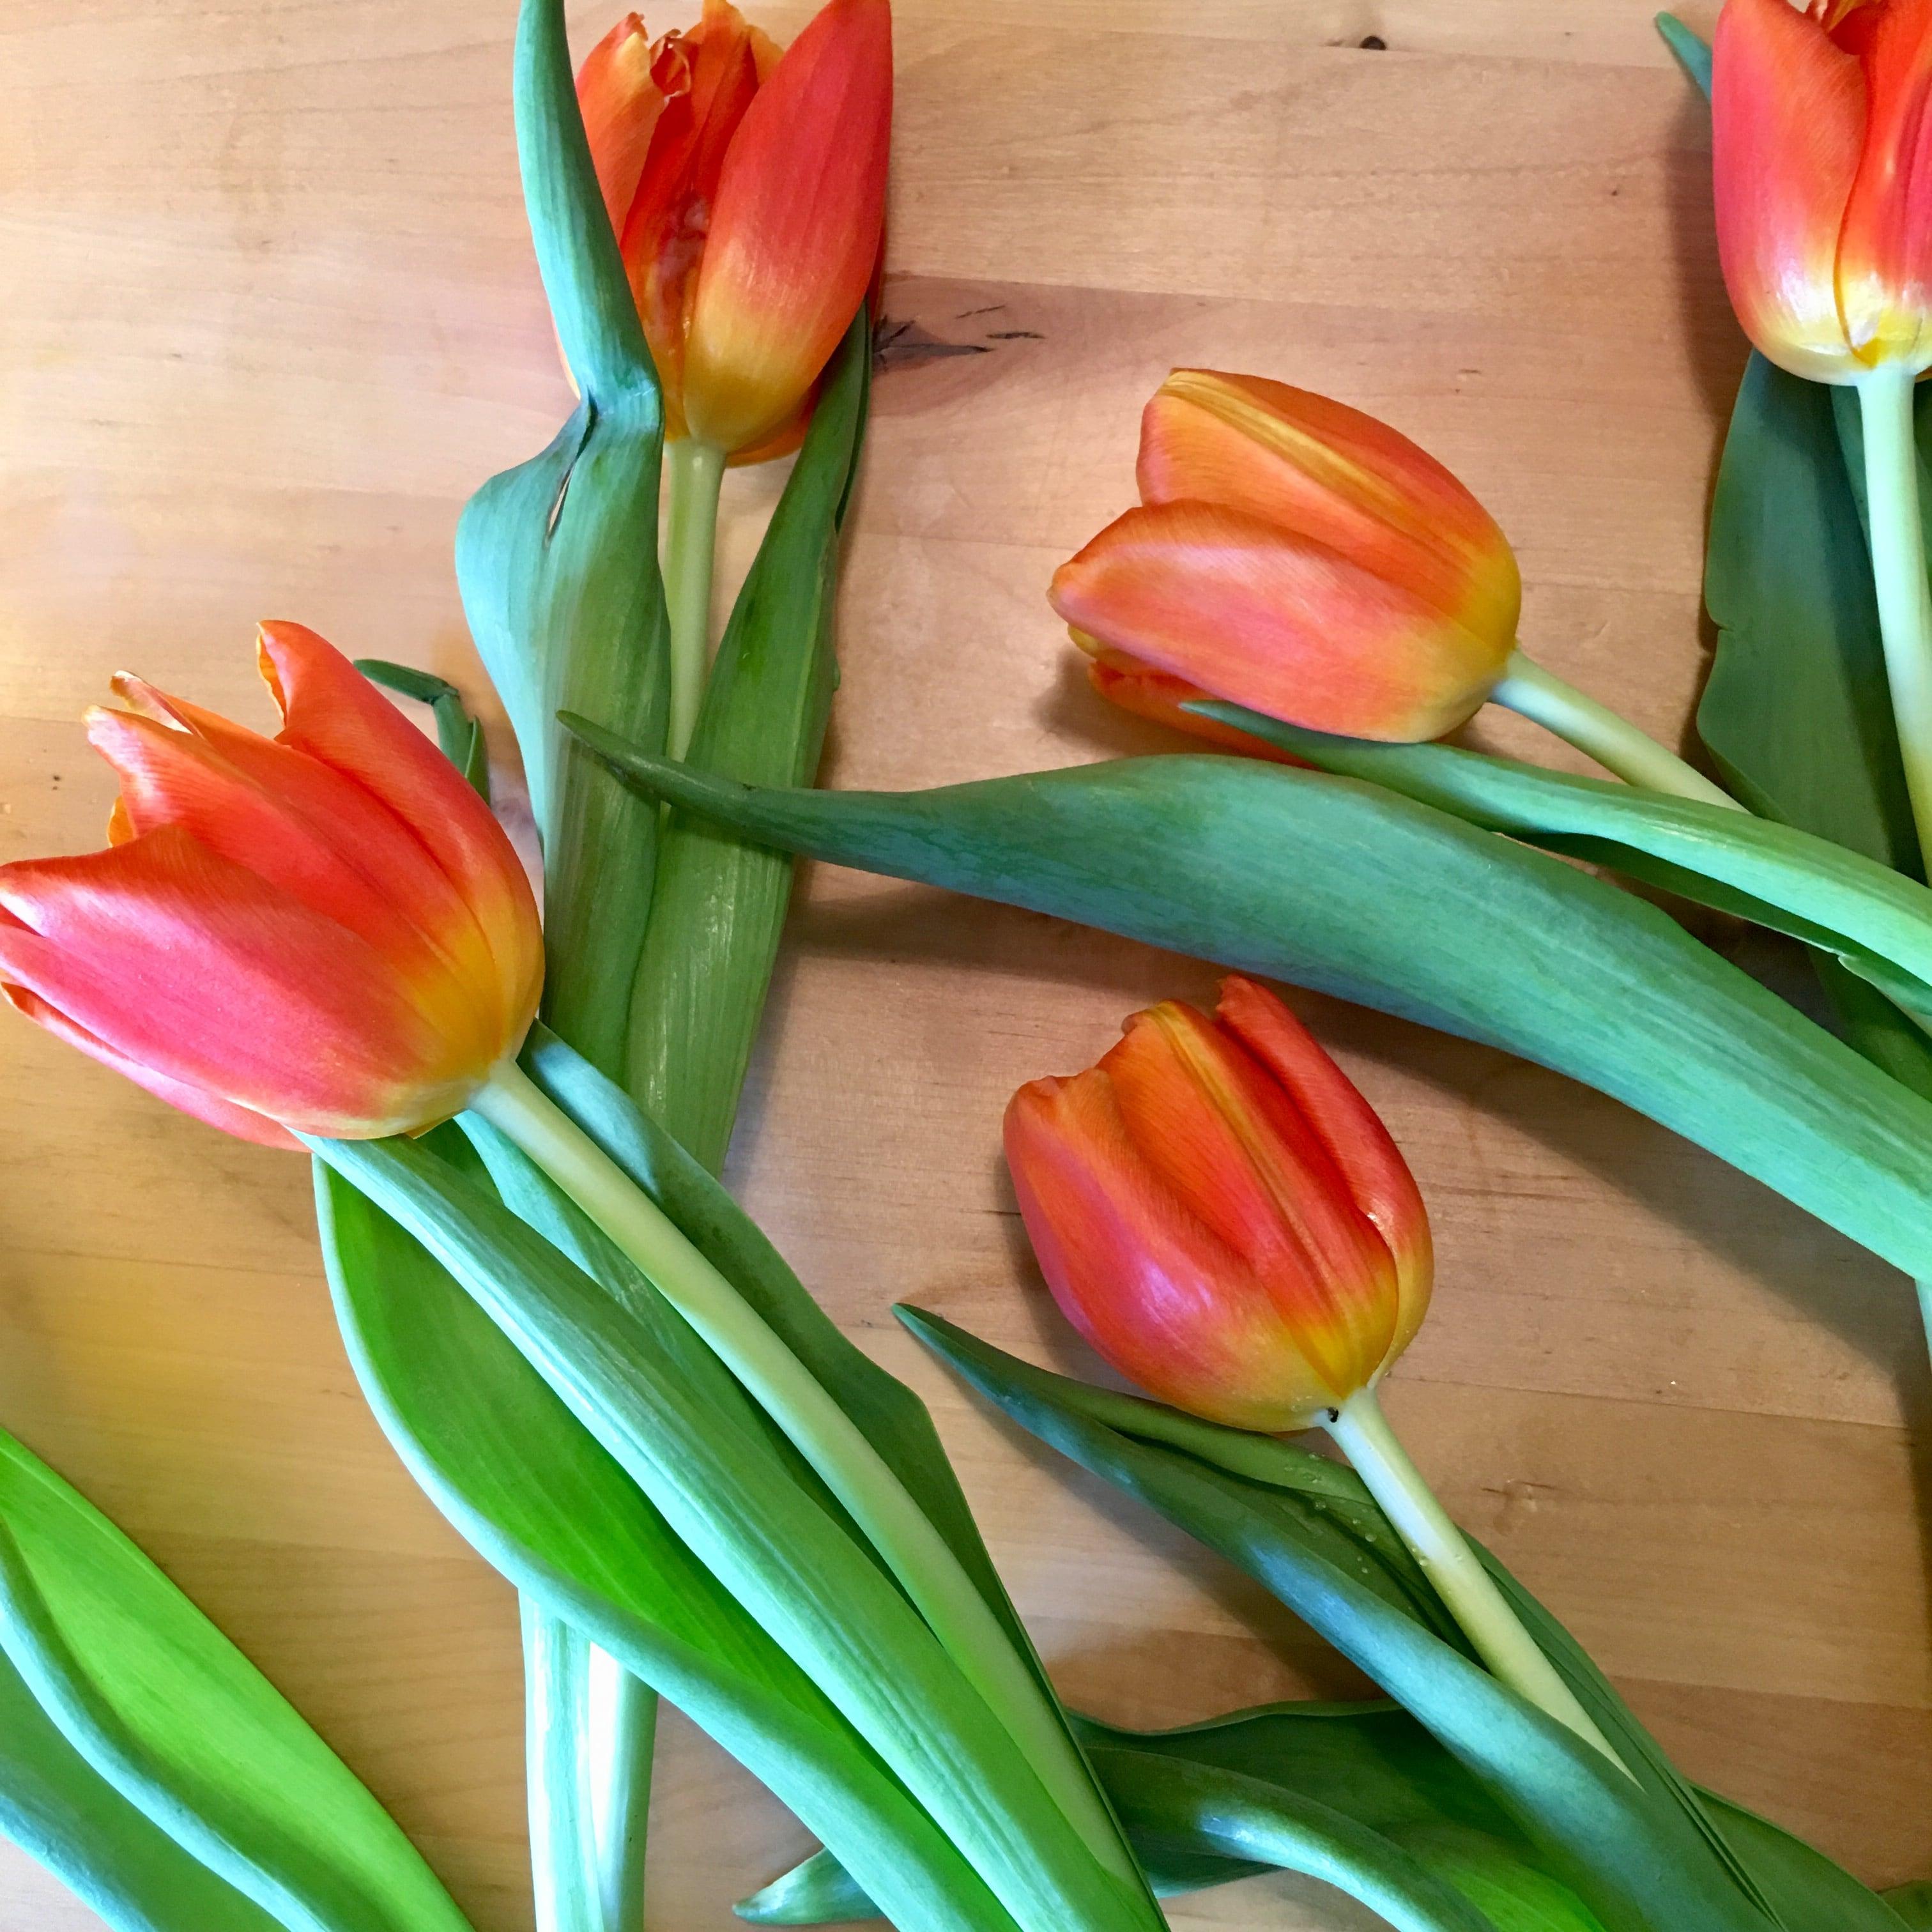 Auf dem Bild sieht man orangene Tulpen.